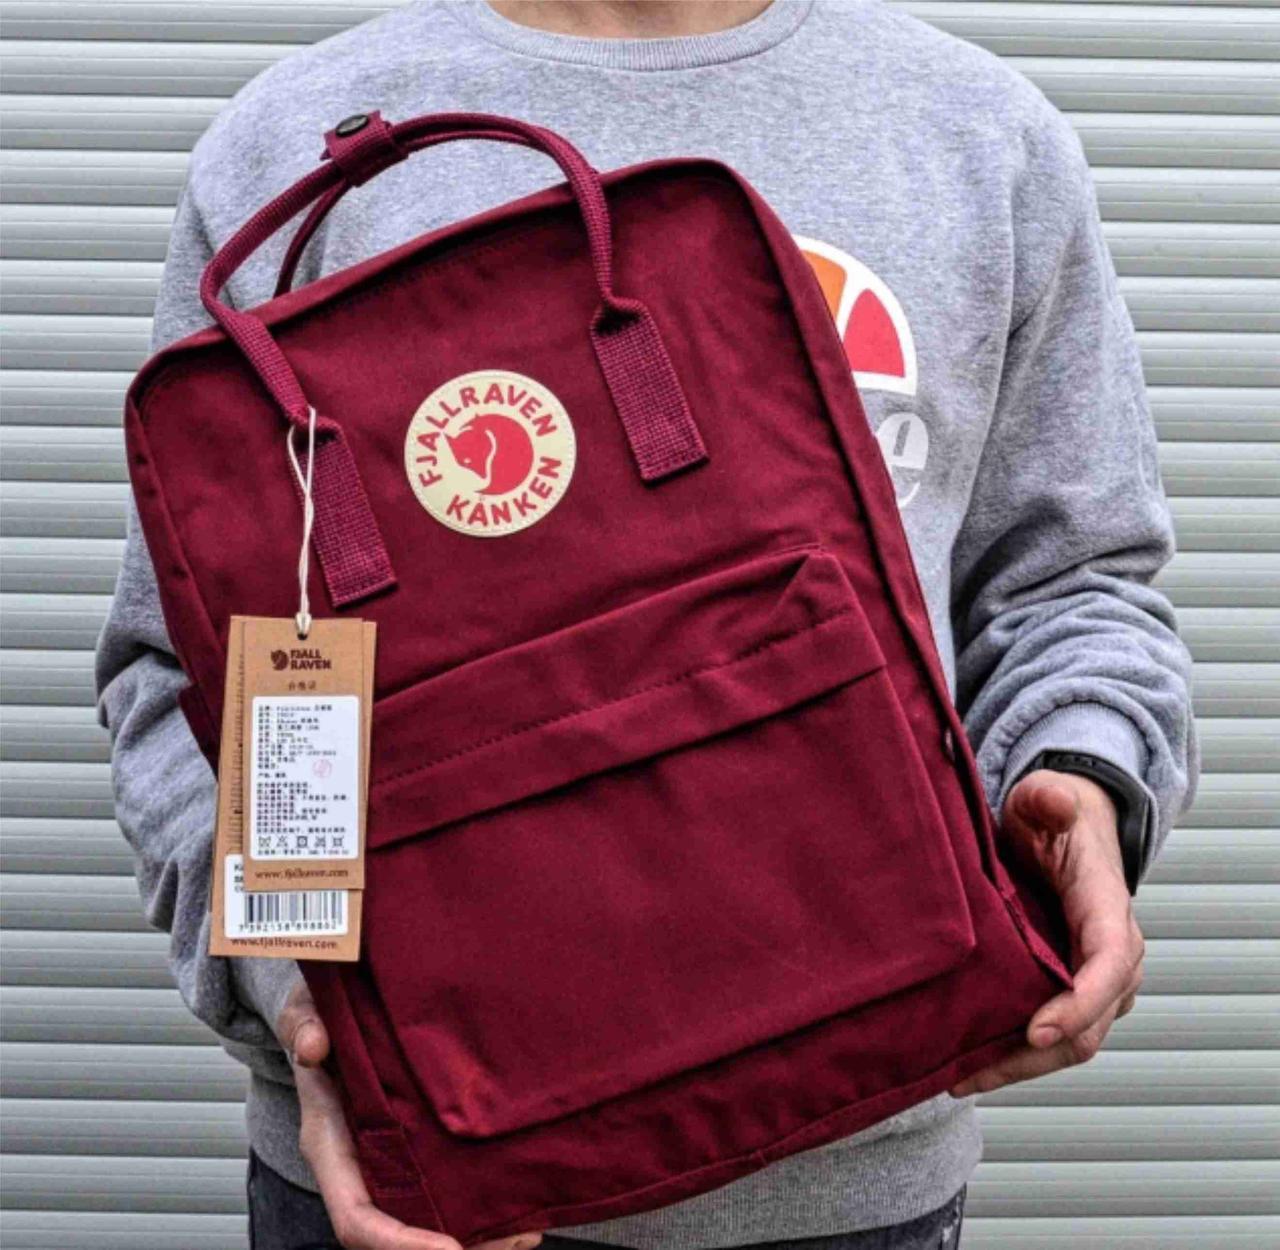 Рюкзак Fjallraven Kanken Classic. Вместительный рюкзак. Бордовый Рюкзаки Канкен. Рюкзак Шведский Канкен.